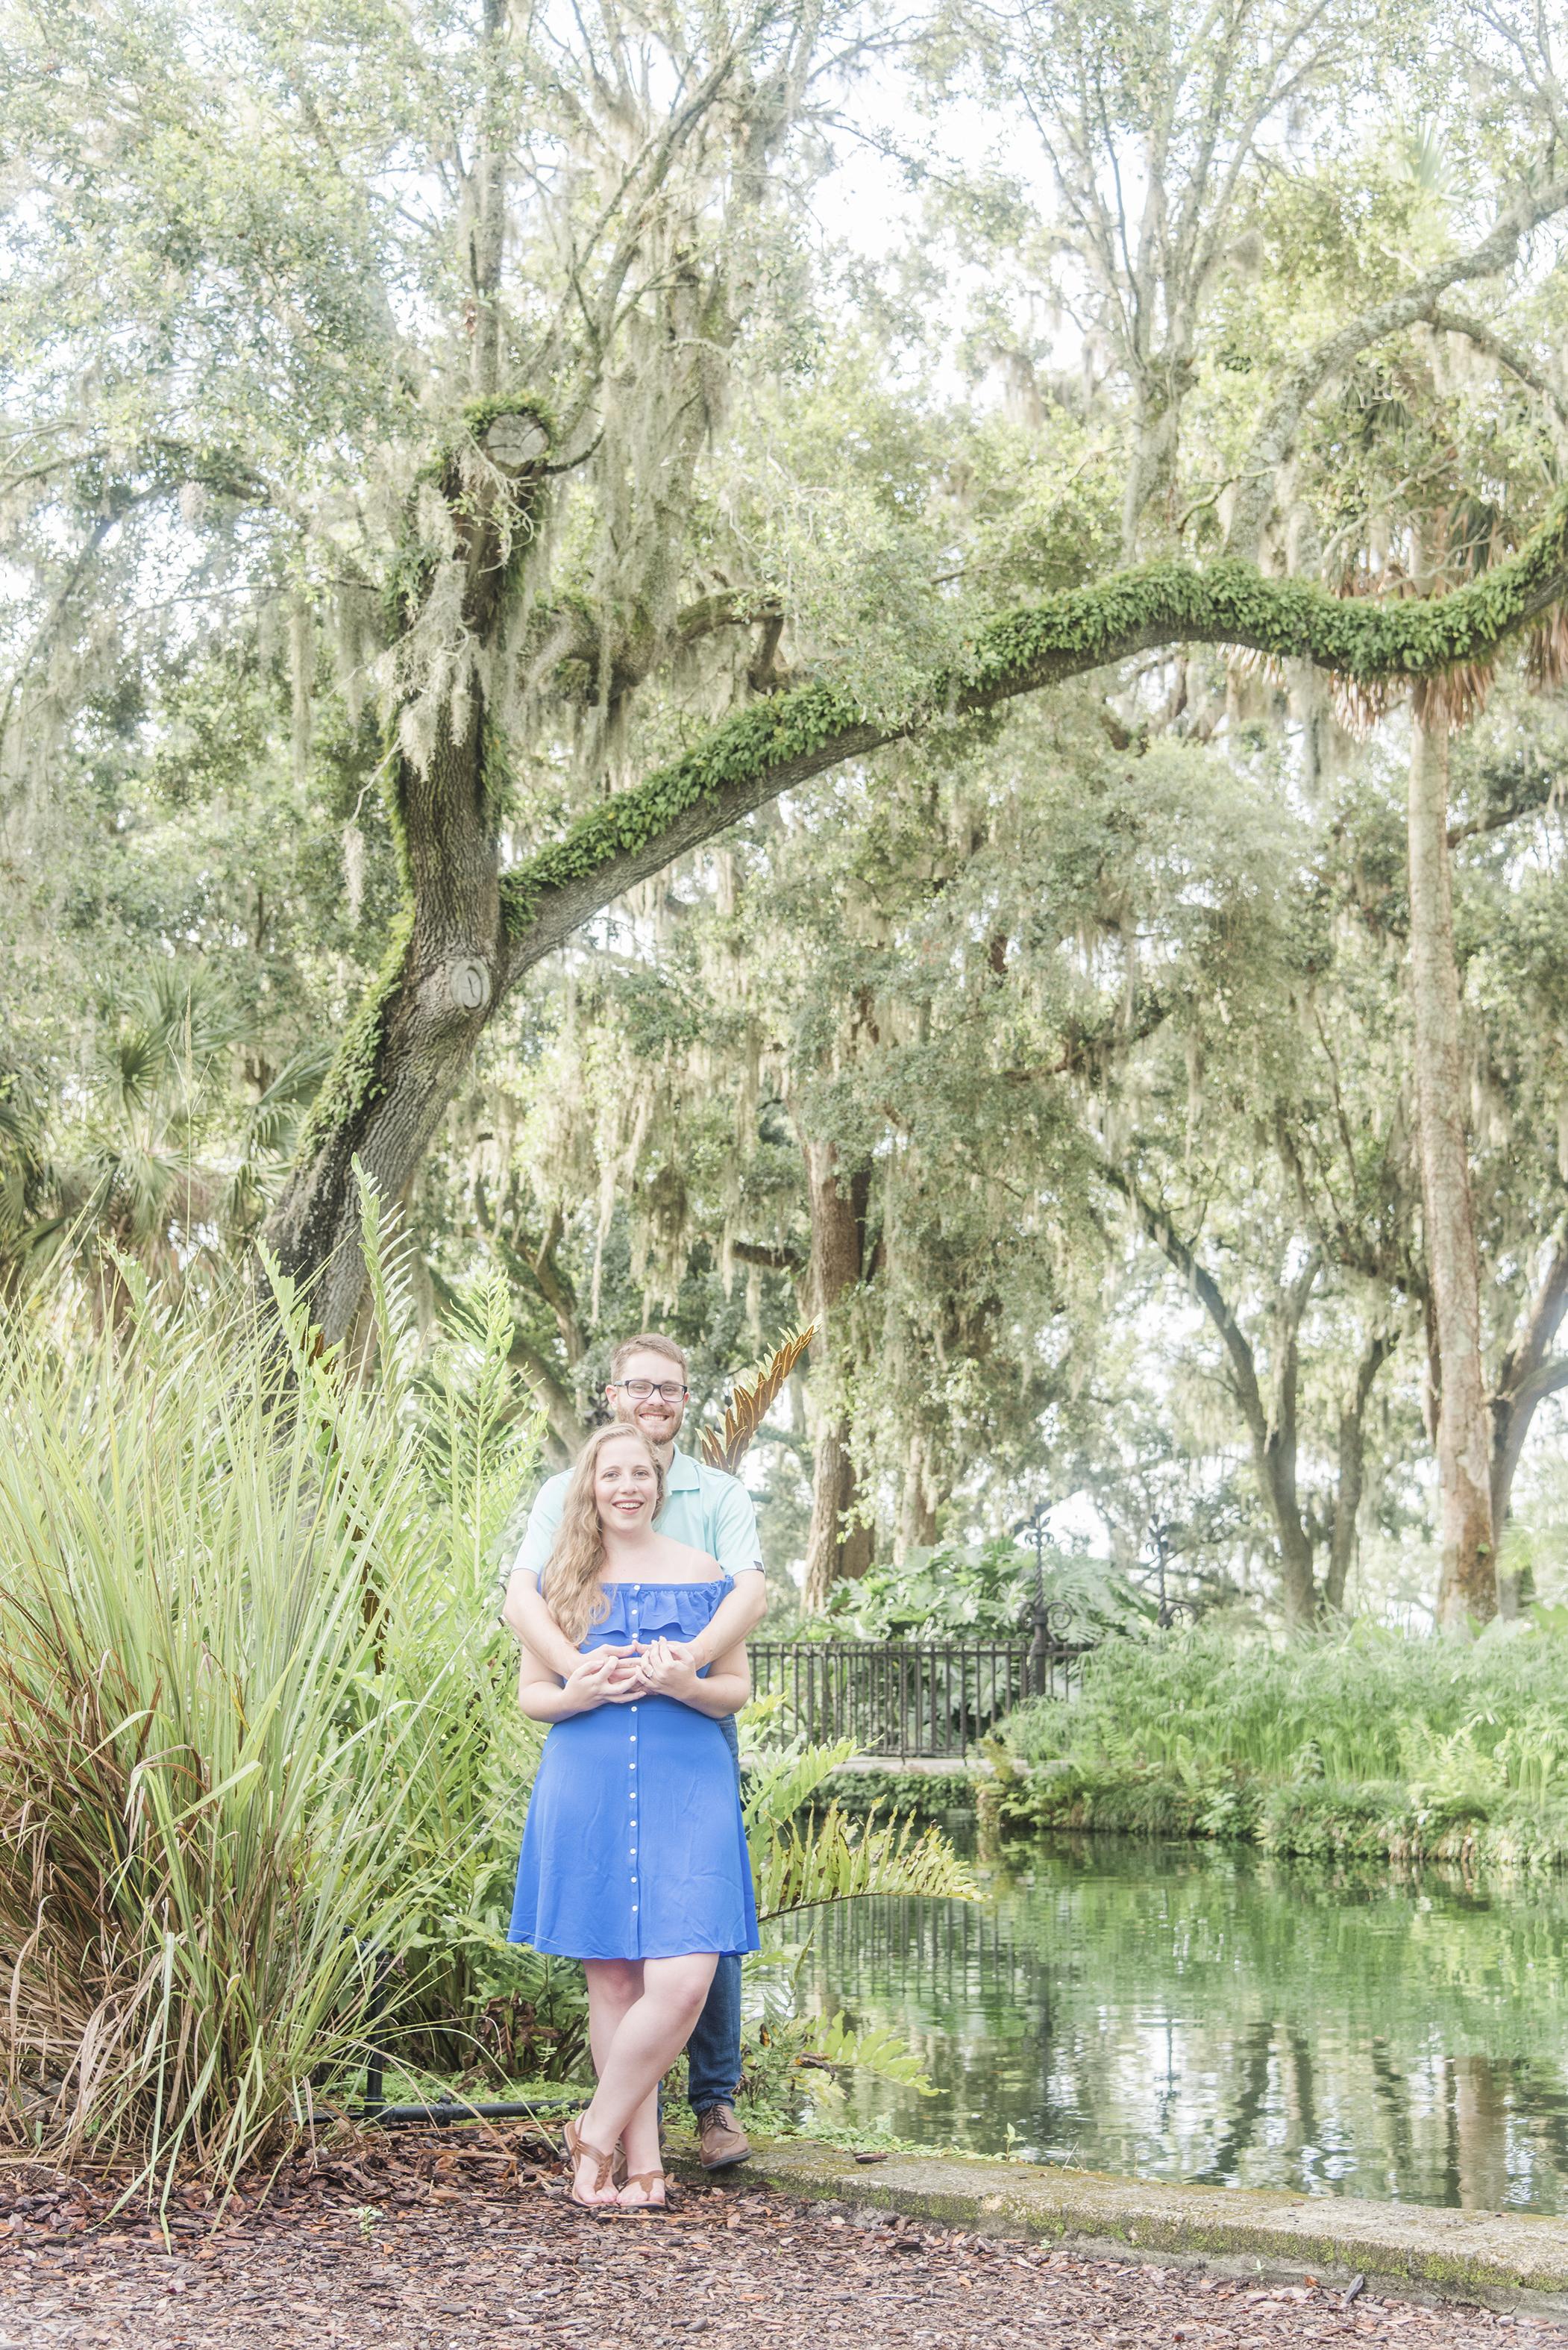 AmandaAndMatt_Engaged-11copy.jpg